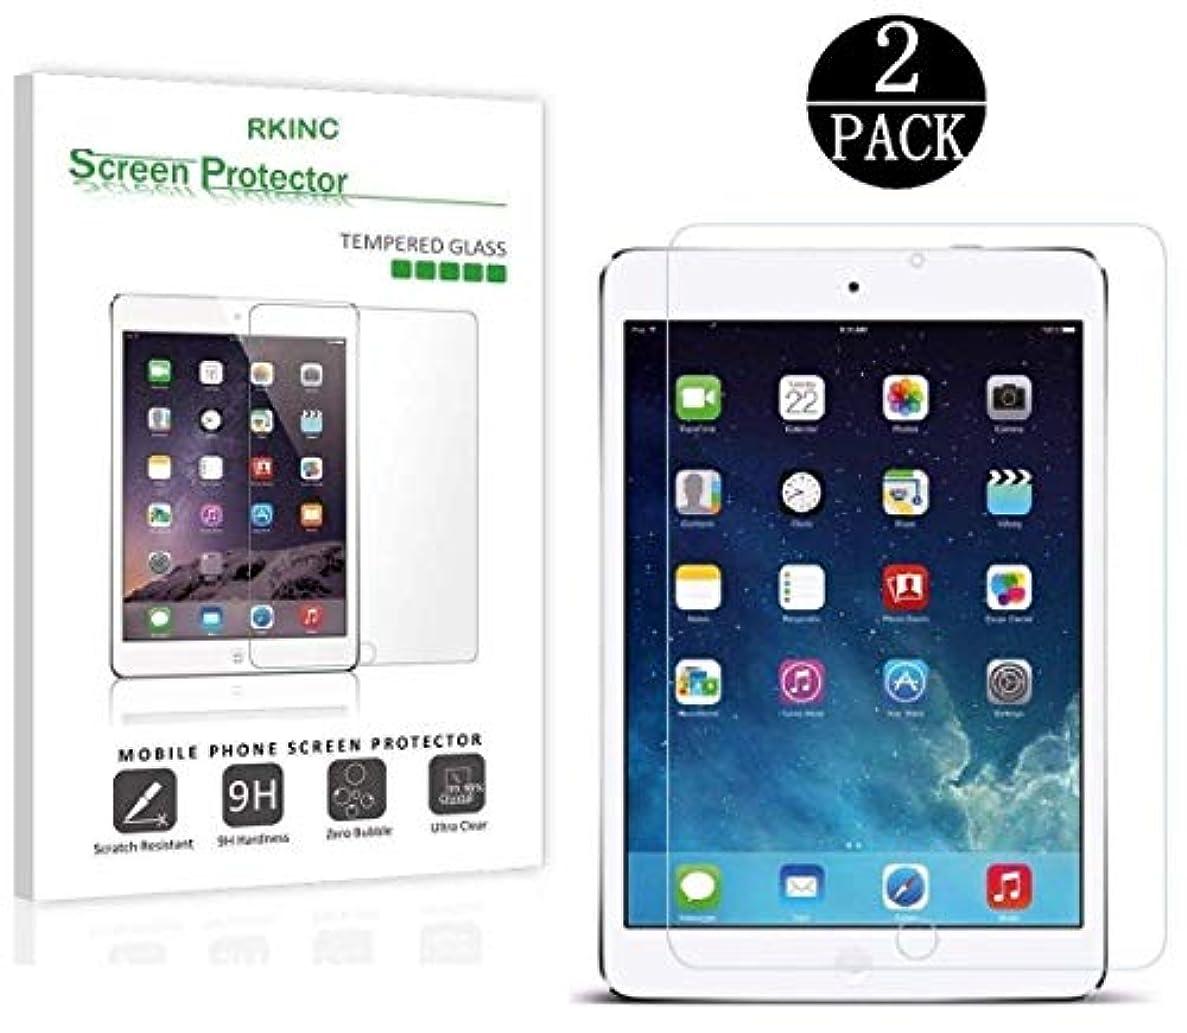 どきどき作曲家メルボルンRKINC iPad 2/3/4 第2世代 第4世代 スクリーンプロテクター ガラス 0.33m 2.5D 角丸型 強化ガラス スクリーンプロテクター Apple iPad 2/3/4用 2枚パック